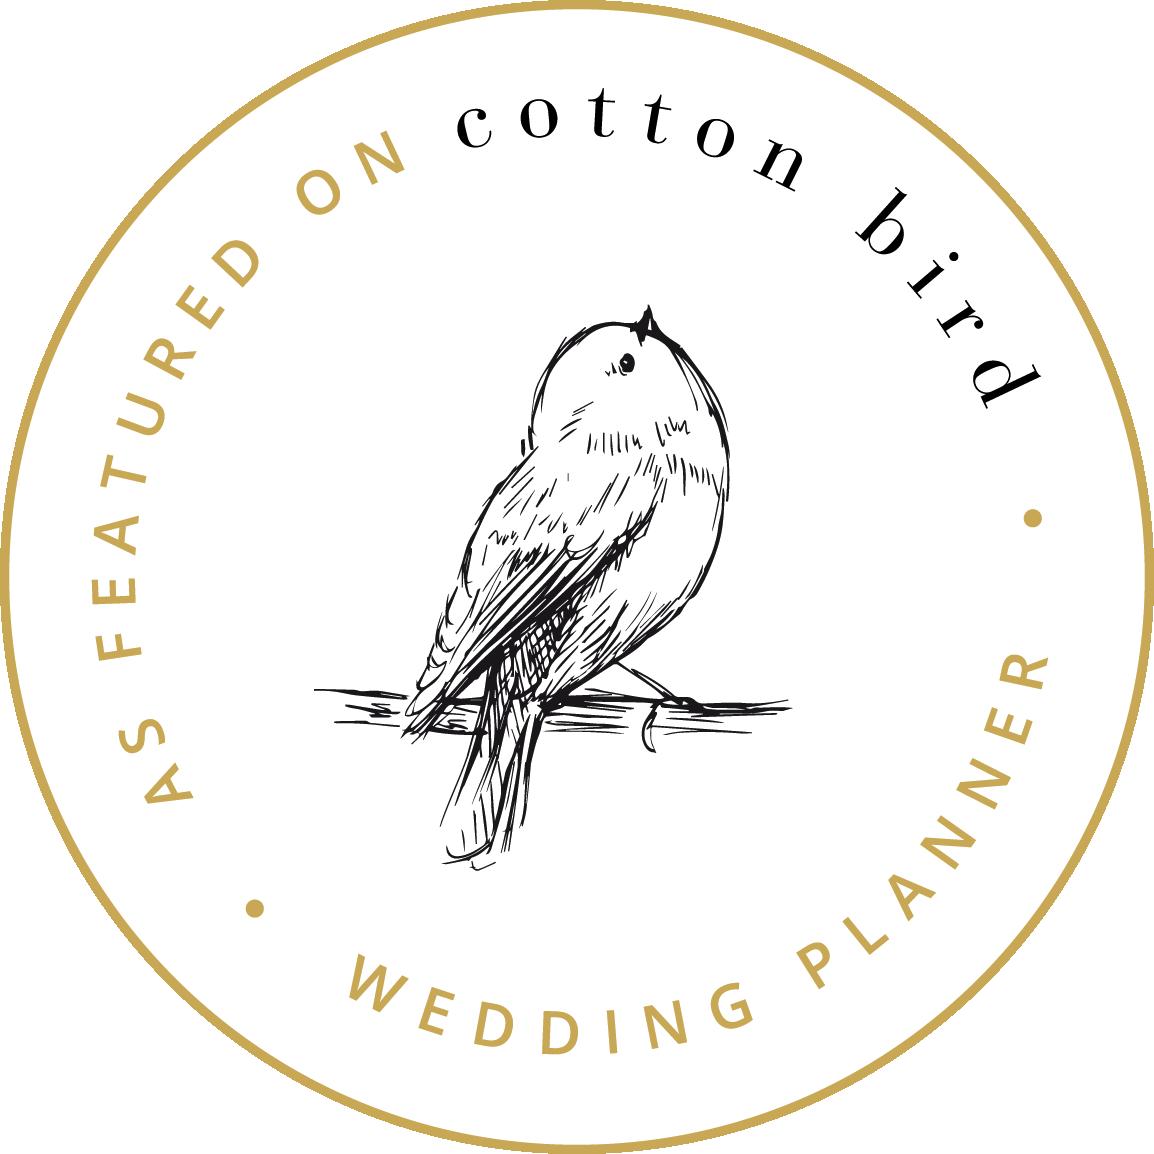 Partner Cottonbird Empfohlener Dienstleister Hochzeitsplanerin Weddingplanerin Traurednerin Kooperation und Veröffentlichung Julia Truisi weddings & events